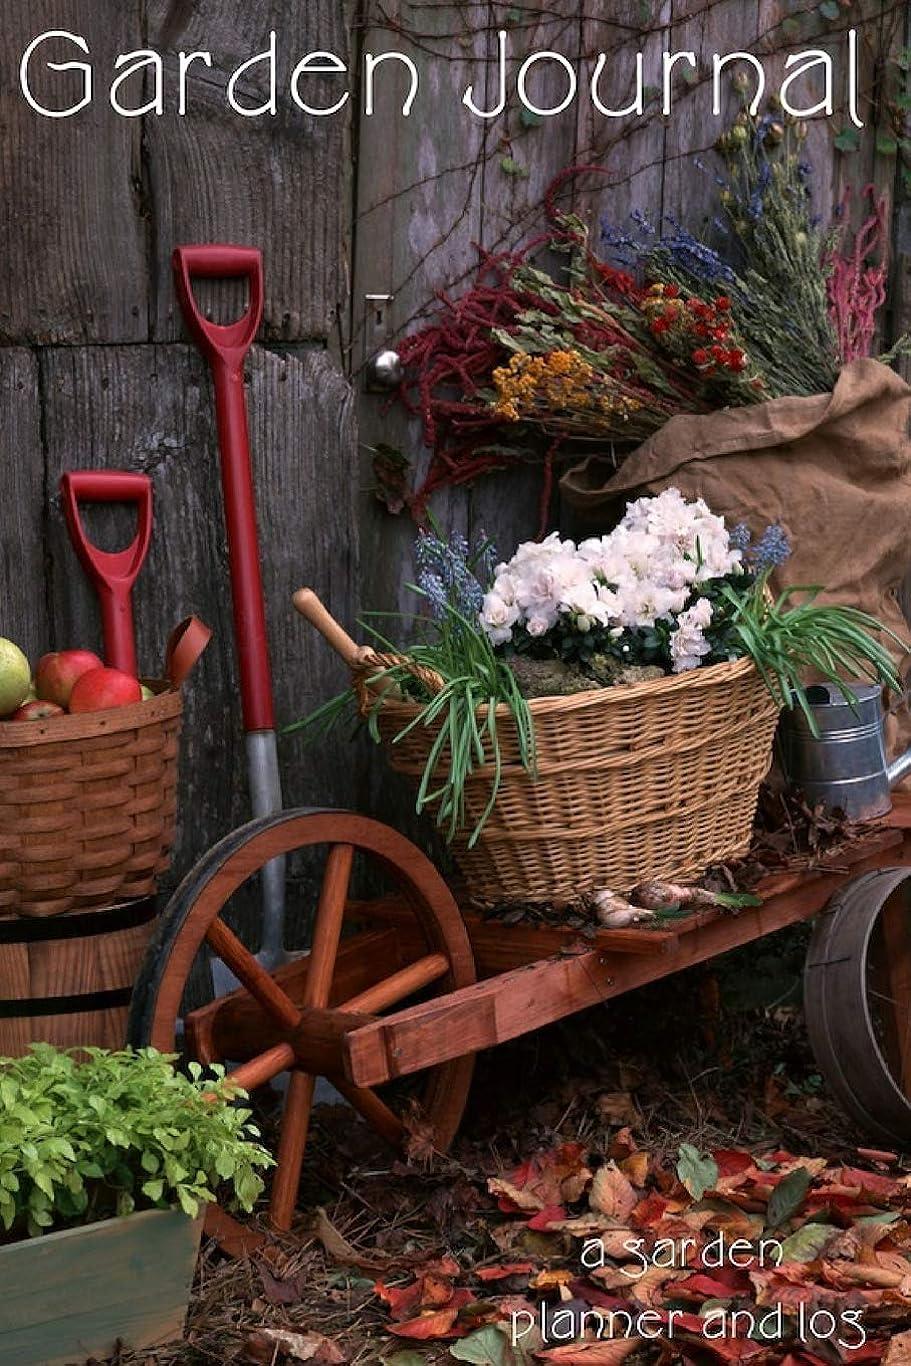 ヘロイントマトデュアルGarden Journal: a garden planner and log